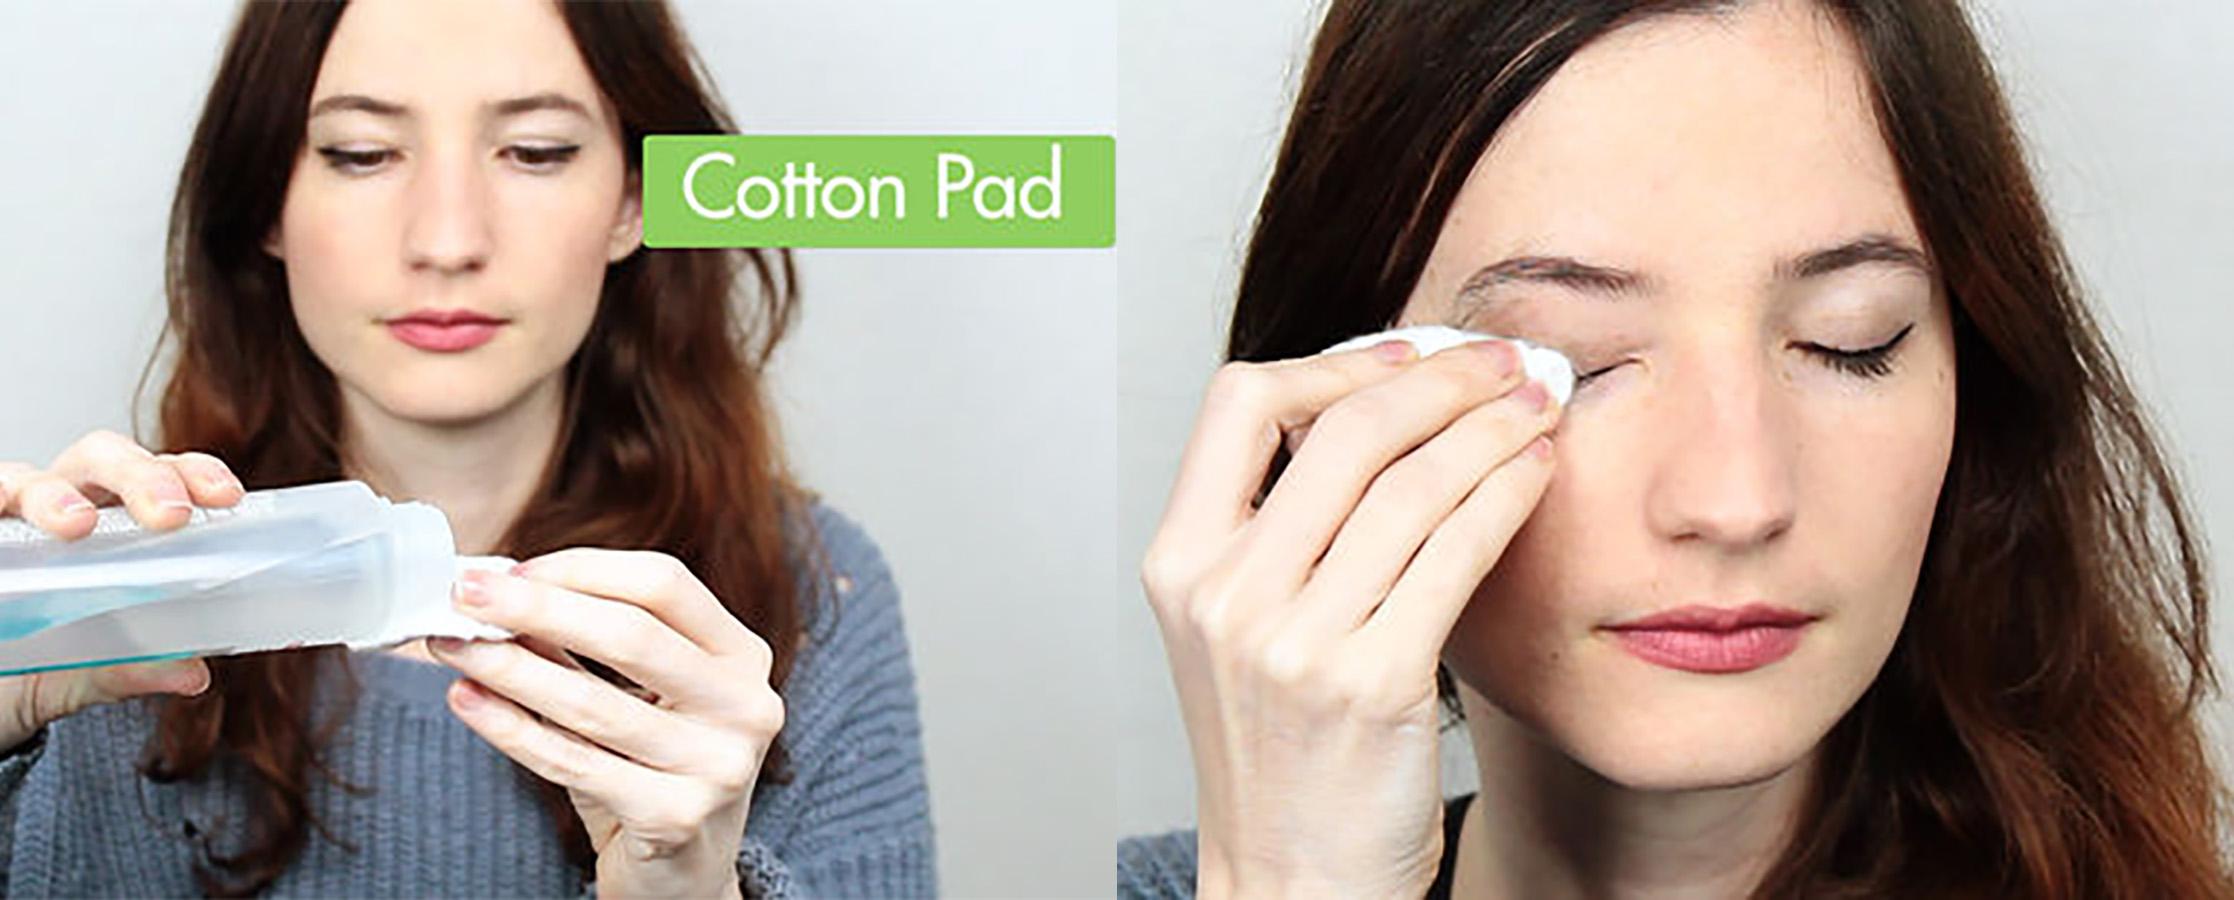 Bông trang điểm ( bông tẩy trang) Nhật Bản bằng bông tự nhiên không tẩy trắng hảo hạng Báo Hồng Miniso Pink Panther Bleach Free Cotton Pad ( gói 200 miếng) không xơ bông bám trên da MNS068 5